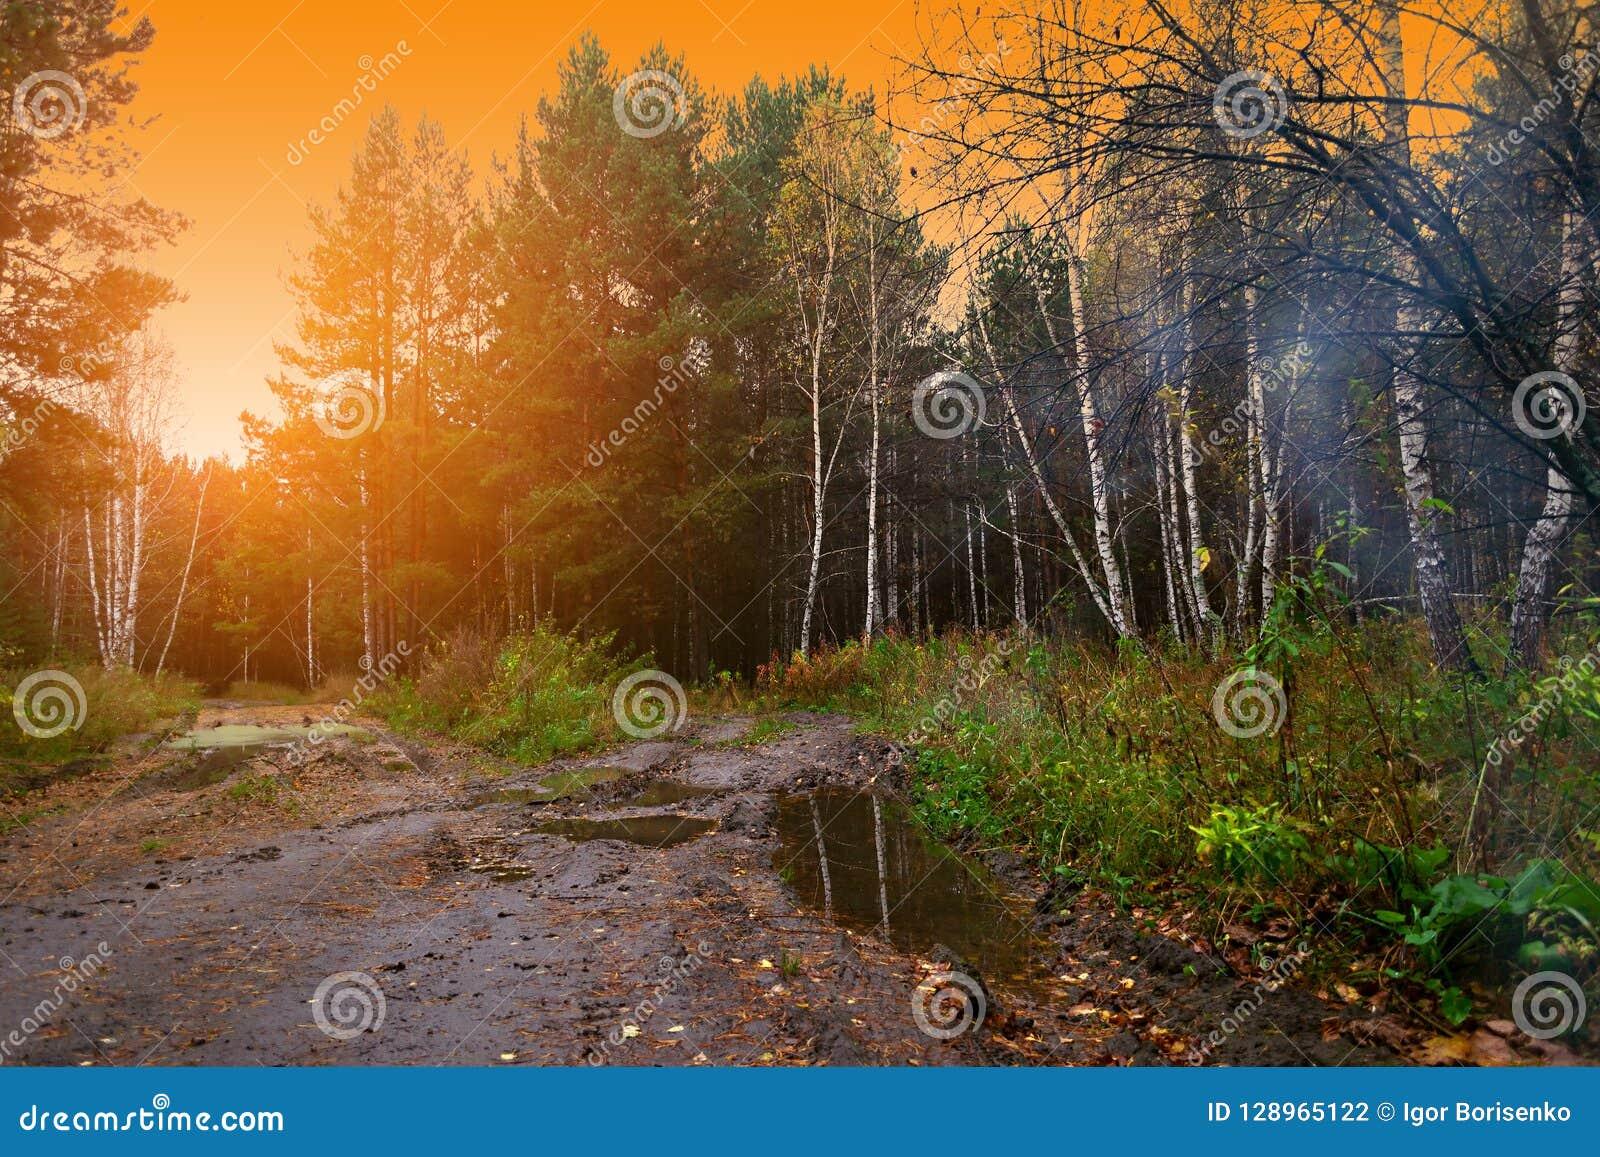 Wald mit gelbem Laub von Suppengrün und von Fichten im Fall belichtet durch die orange Strahlen der abgehenden Sonne